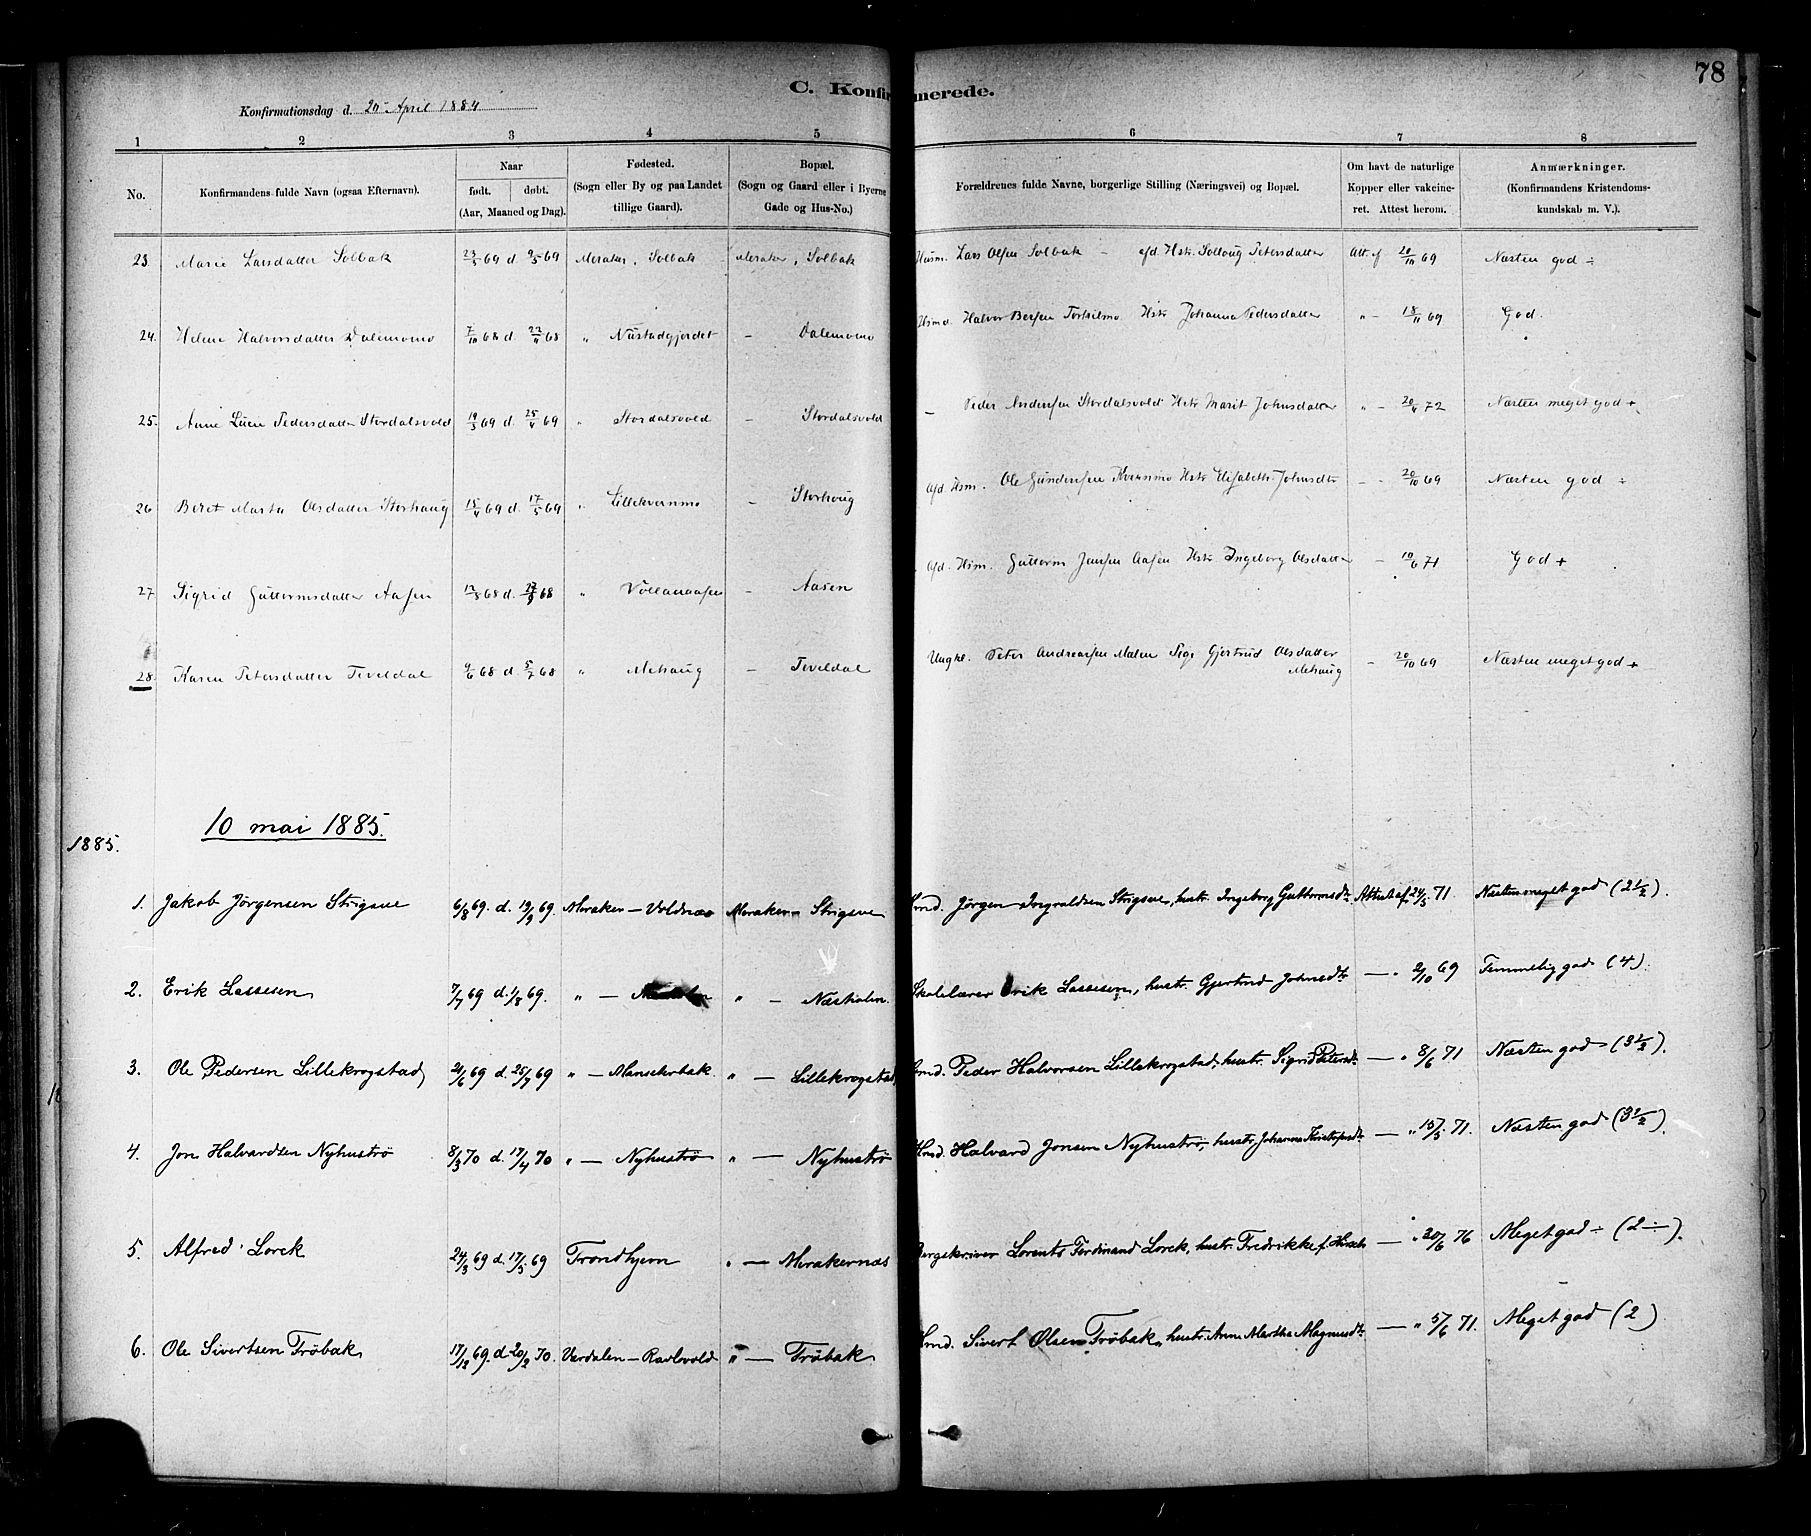 SAT, Ministerialprotokoller, klokkerbøker og fødselsregistre - Nord-Trøndelag, 706/L0047: Parish register (official) no. 706A03, 1878-1892, p. 78